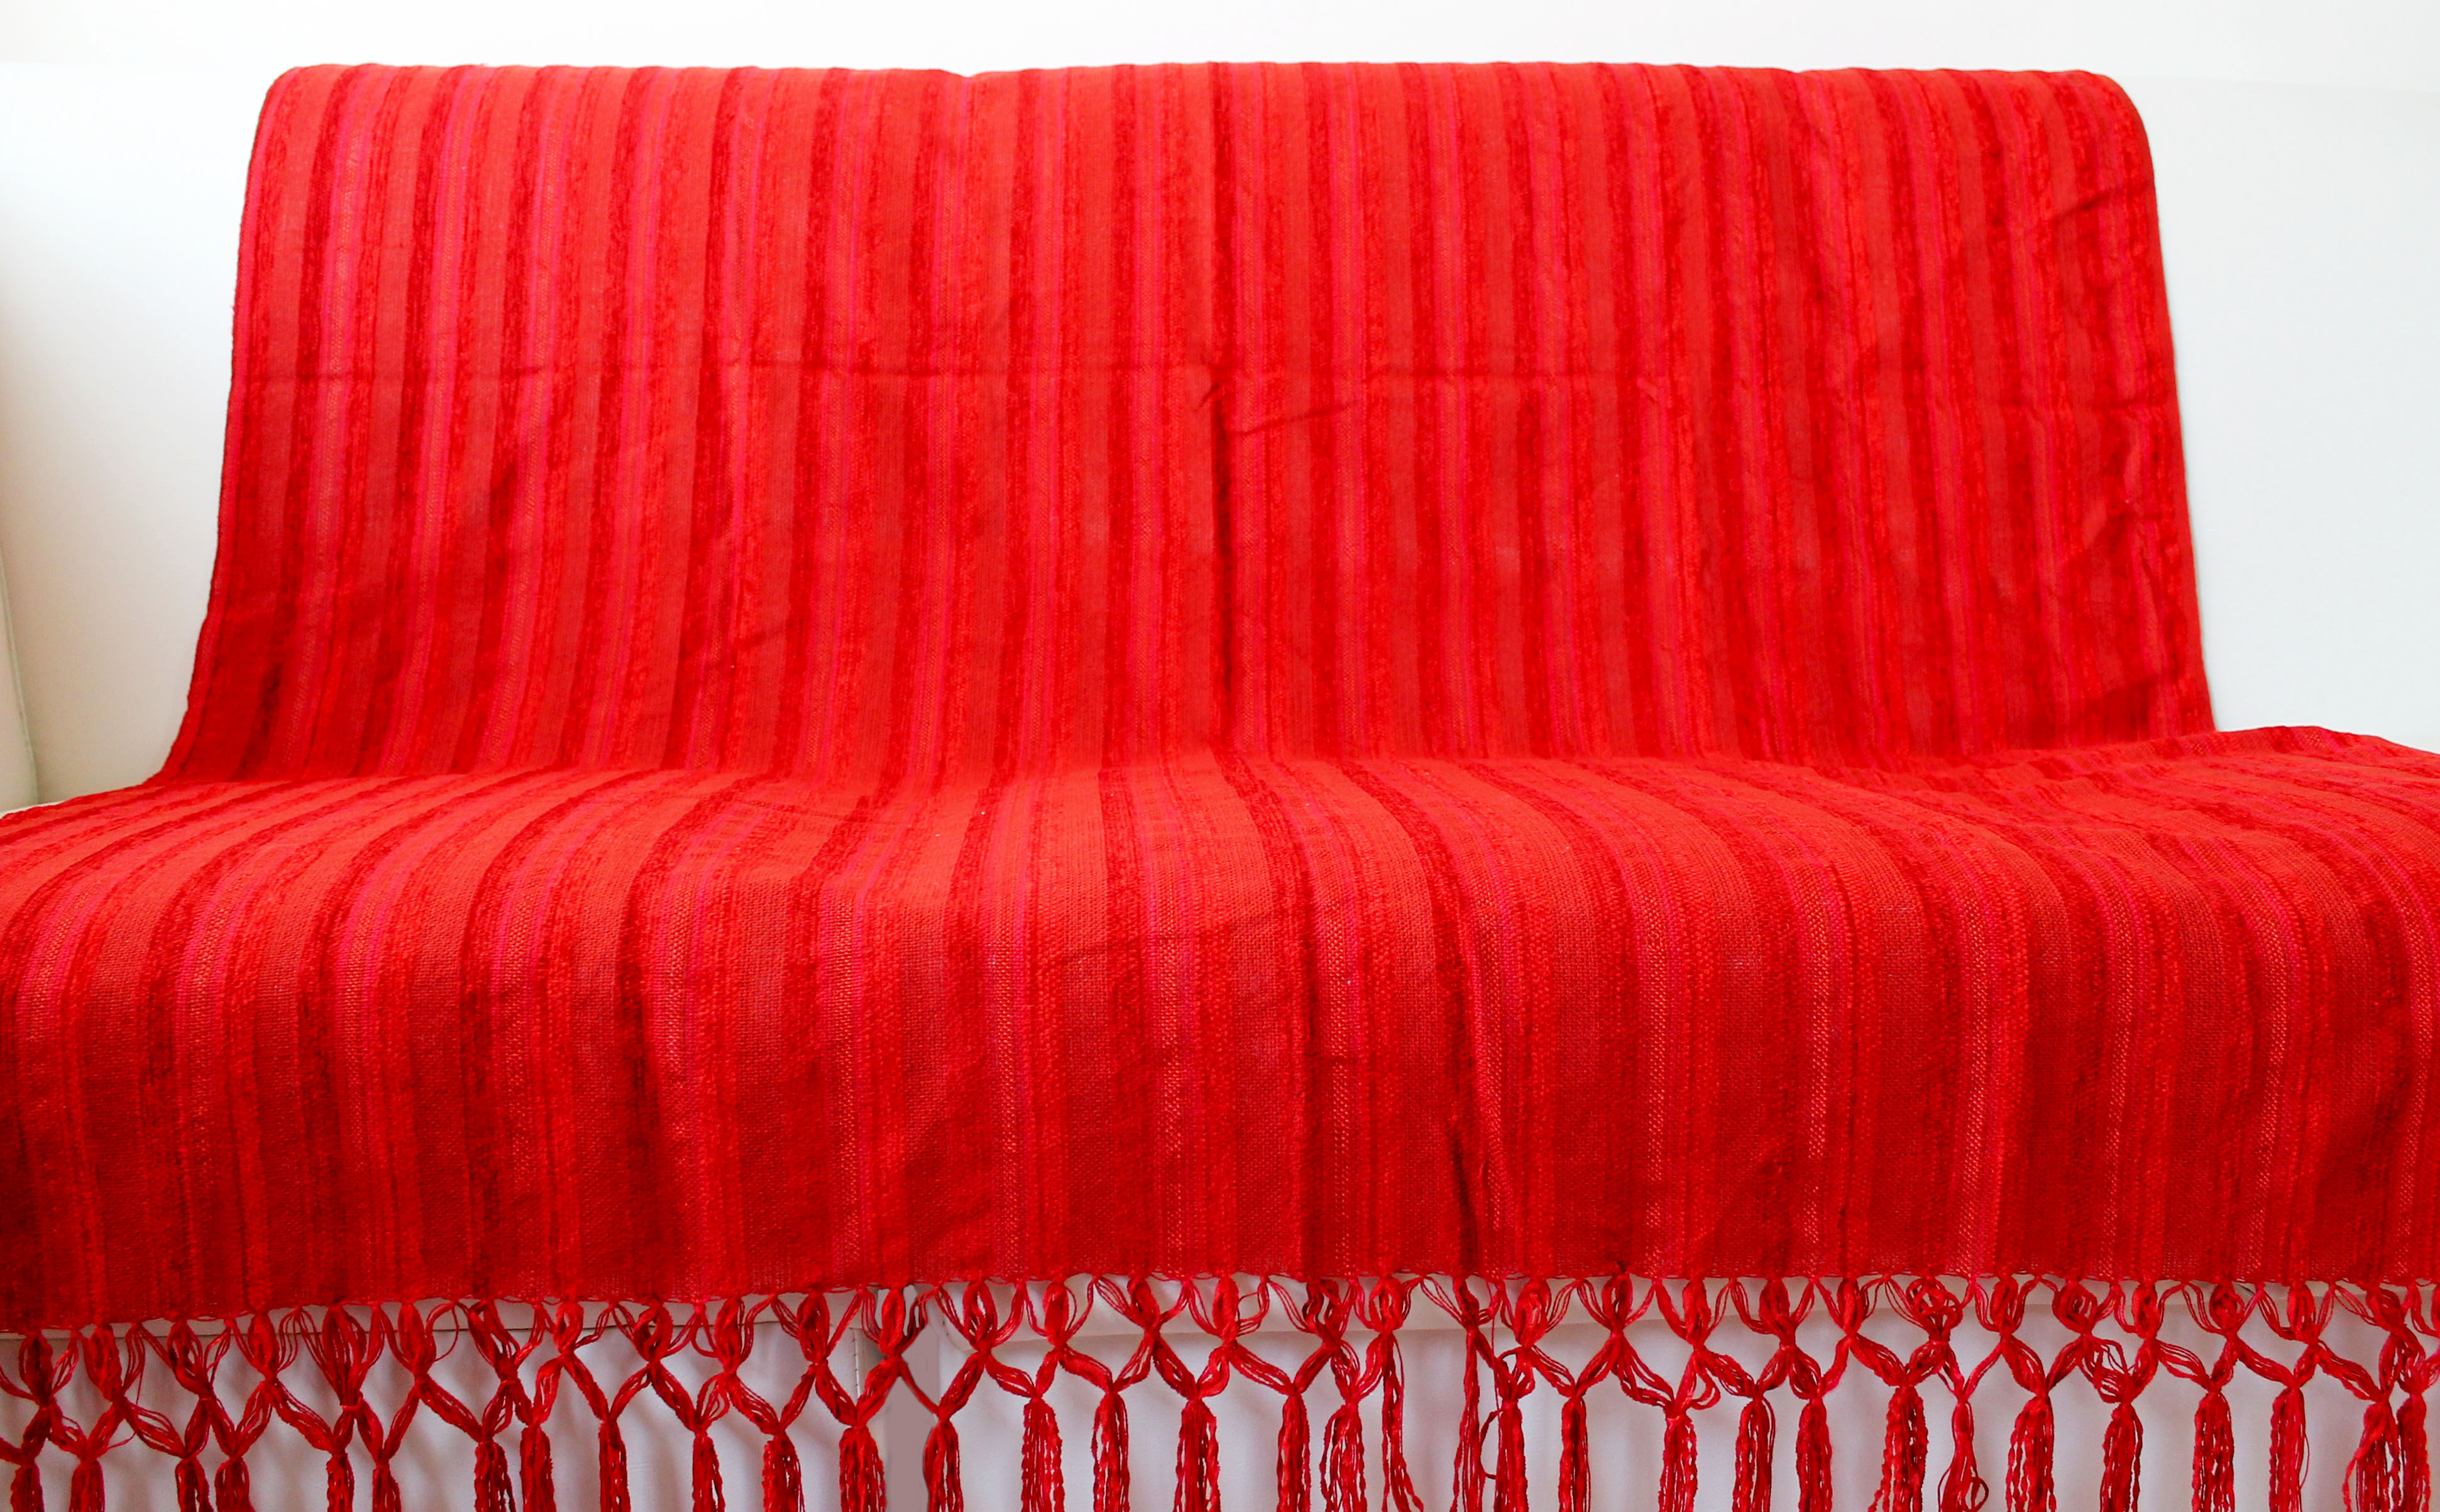 Manta para sof gregoriana vermelha artesanato teares de - Manta de sofa ...